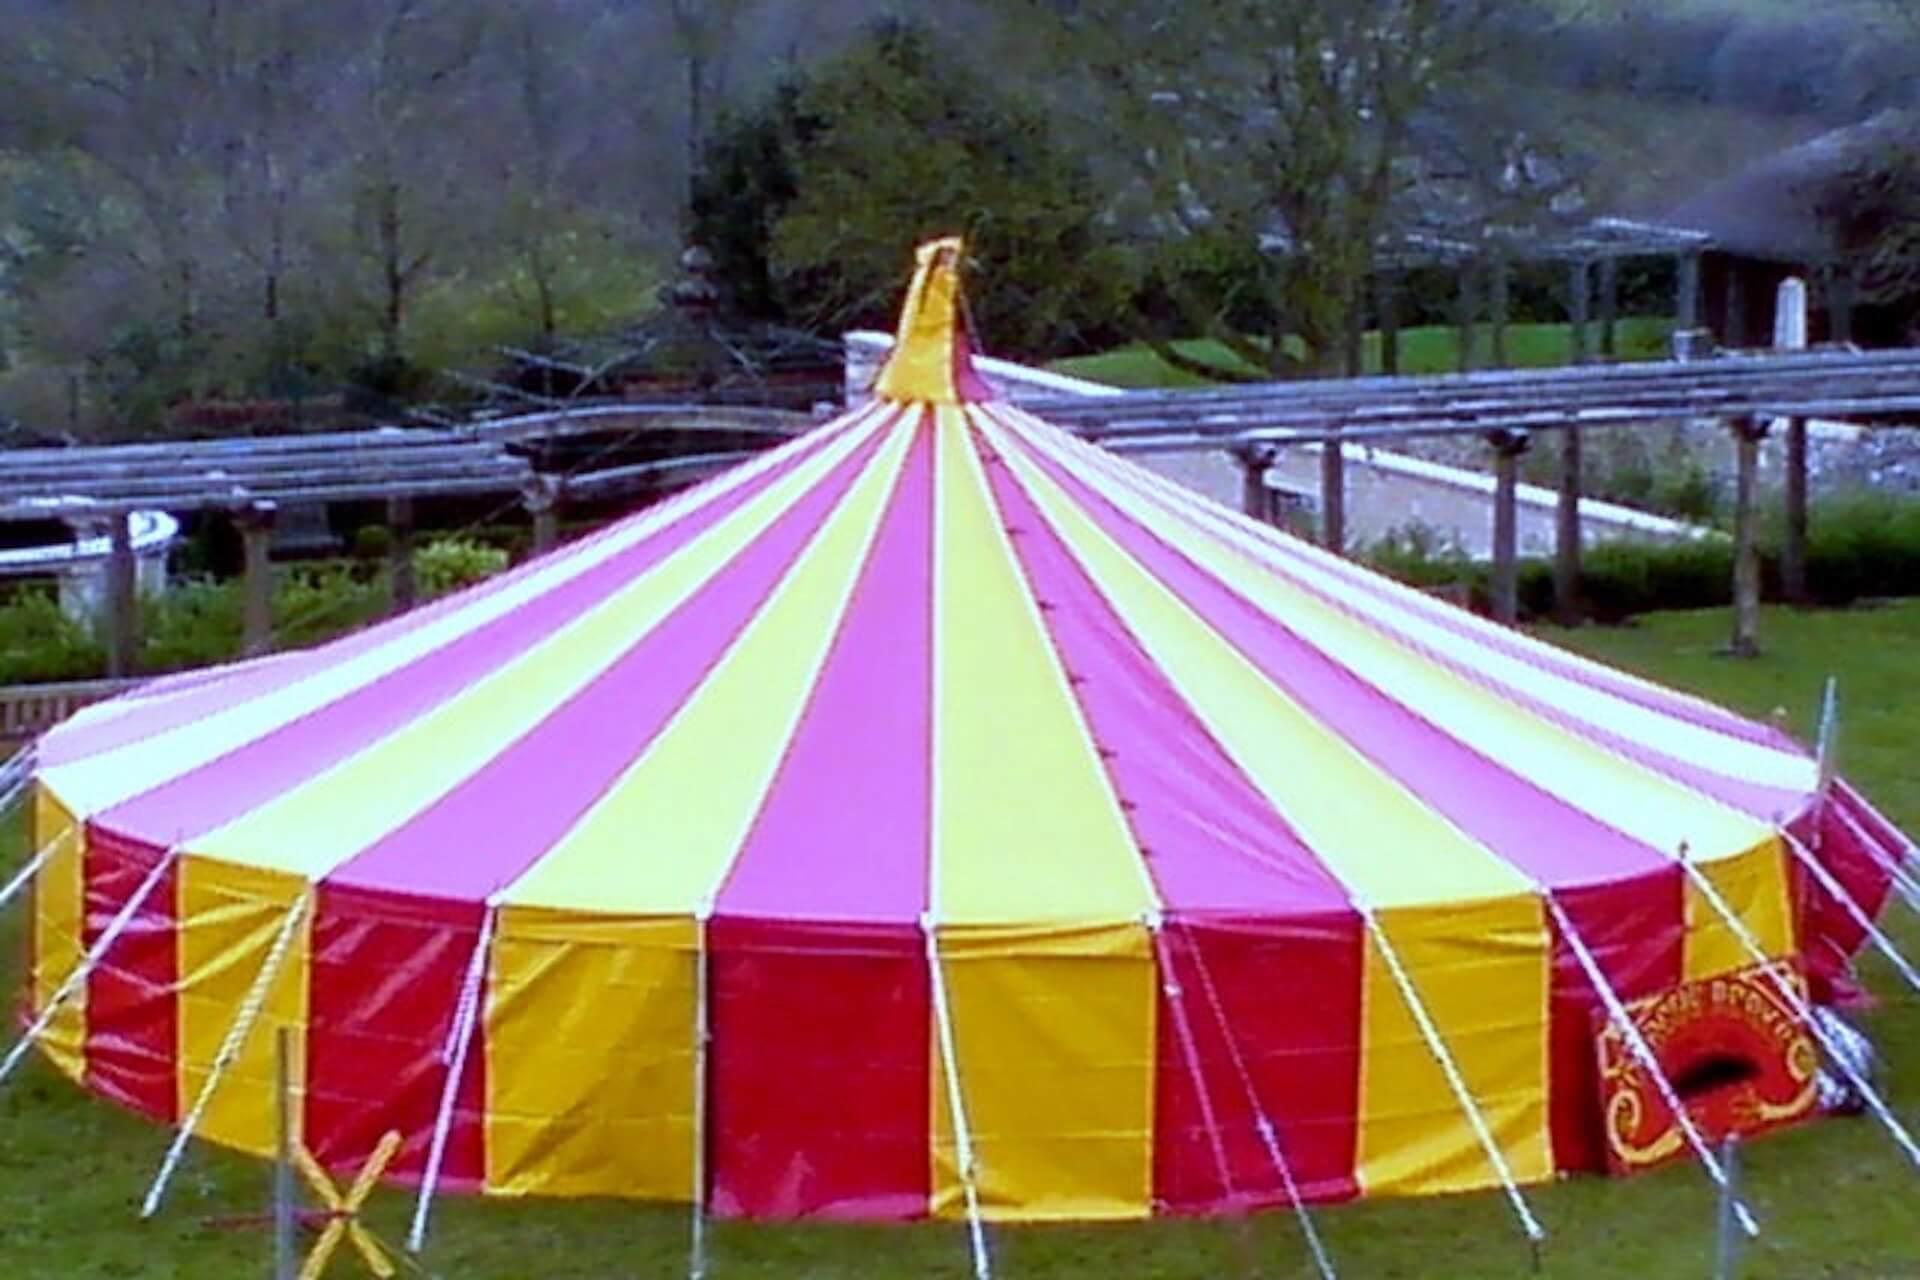 40ft round tent